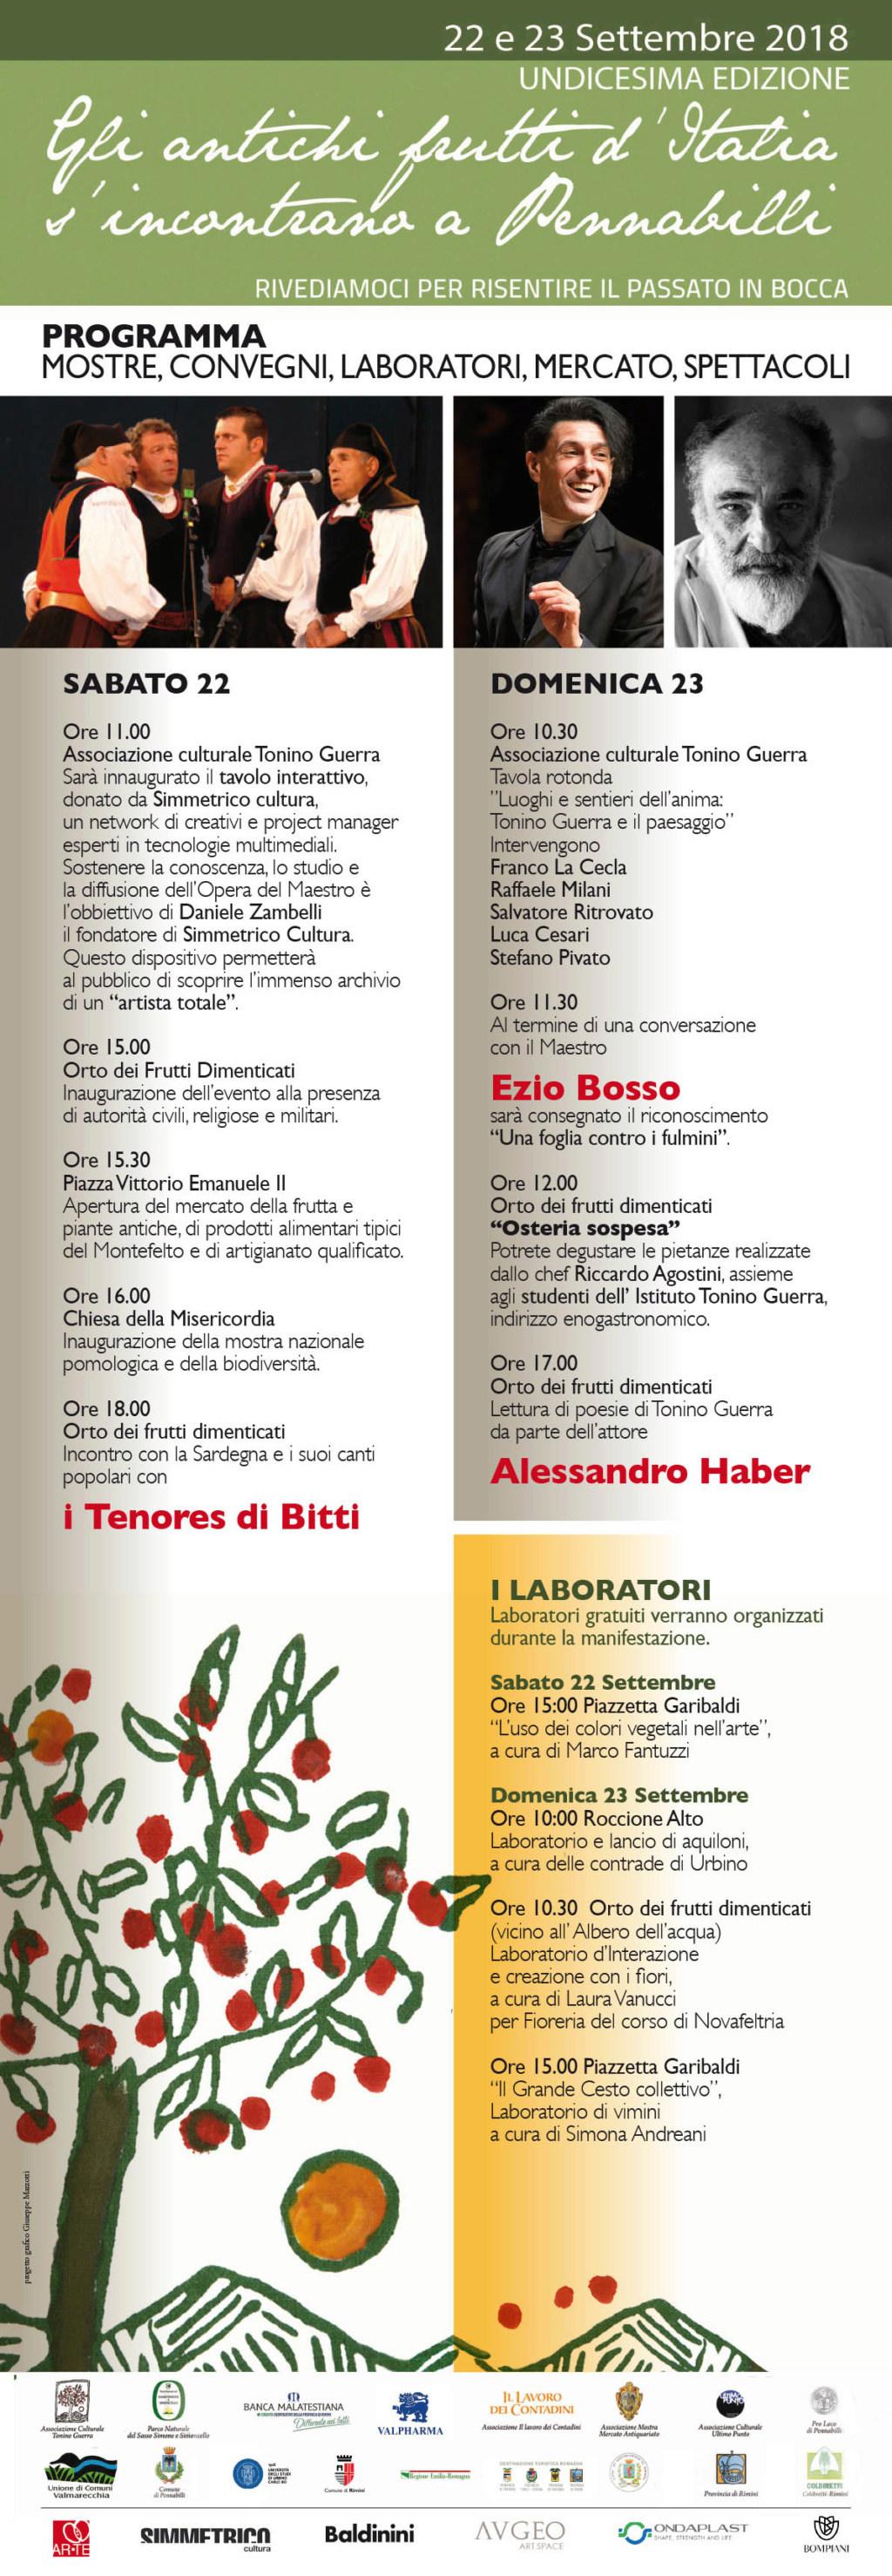 GLI ANTICHI FRUTTI D'ITALIA S'INCONTRANO A PENNABILLI Locand11